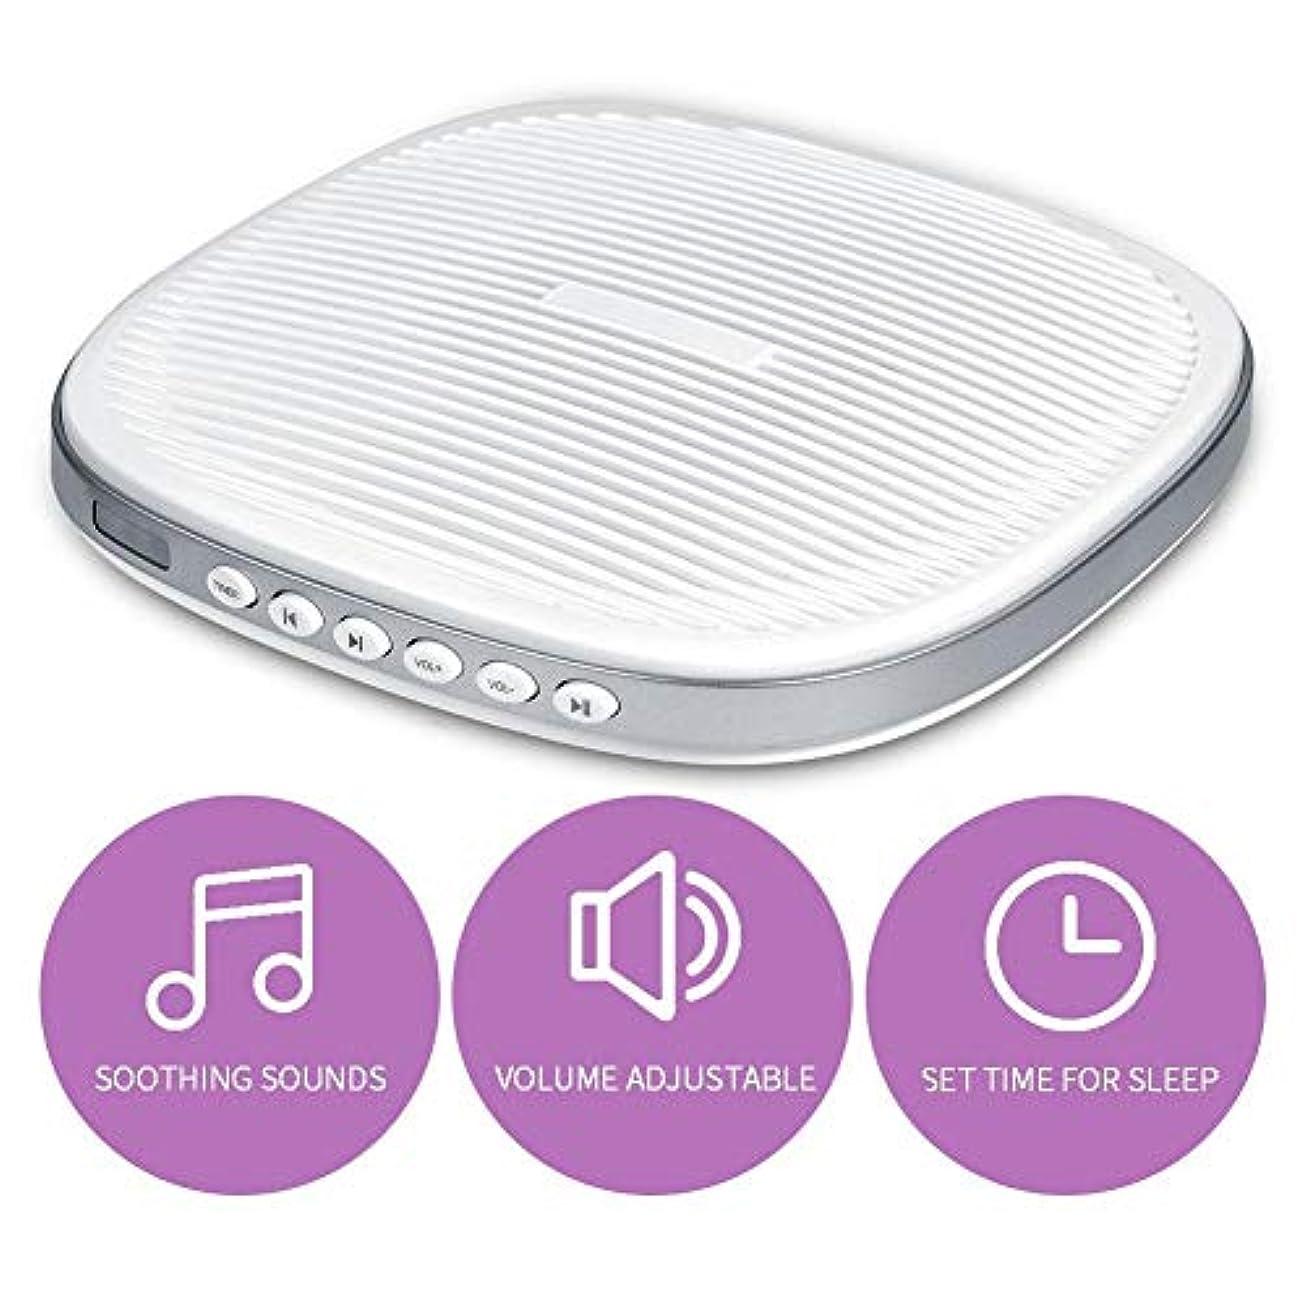 代表する風味選択する携帯用ホワイトノイズの睡眠機、赤ちゃん大人の旅行者の寝室のオフィスの家のための20のなだめるような音の3つのタイマーの睡眠の音機械